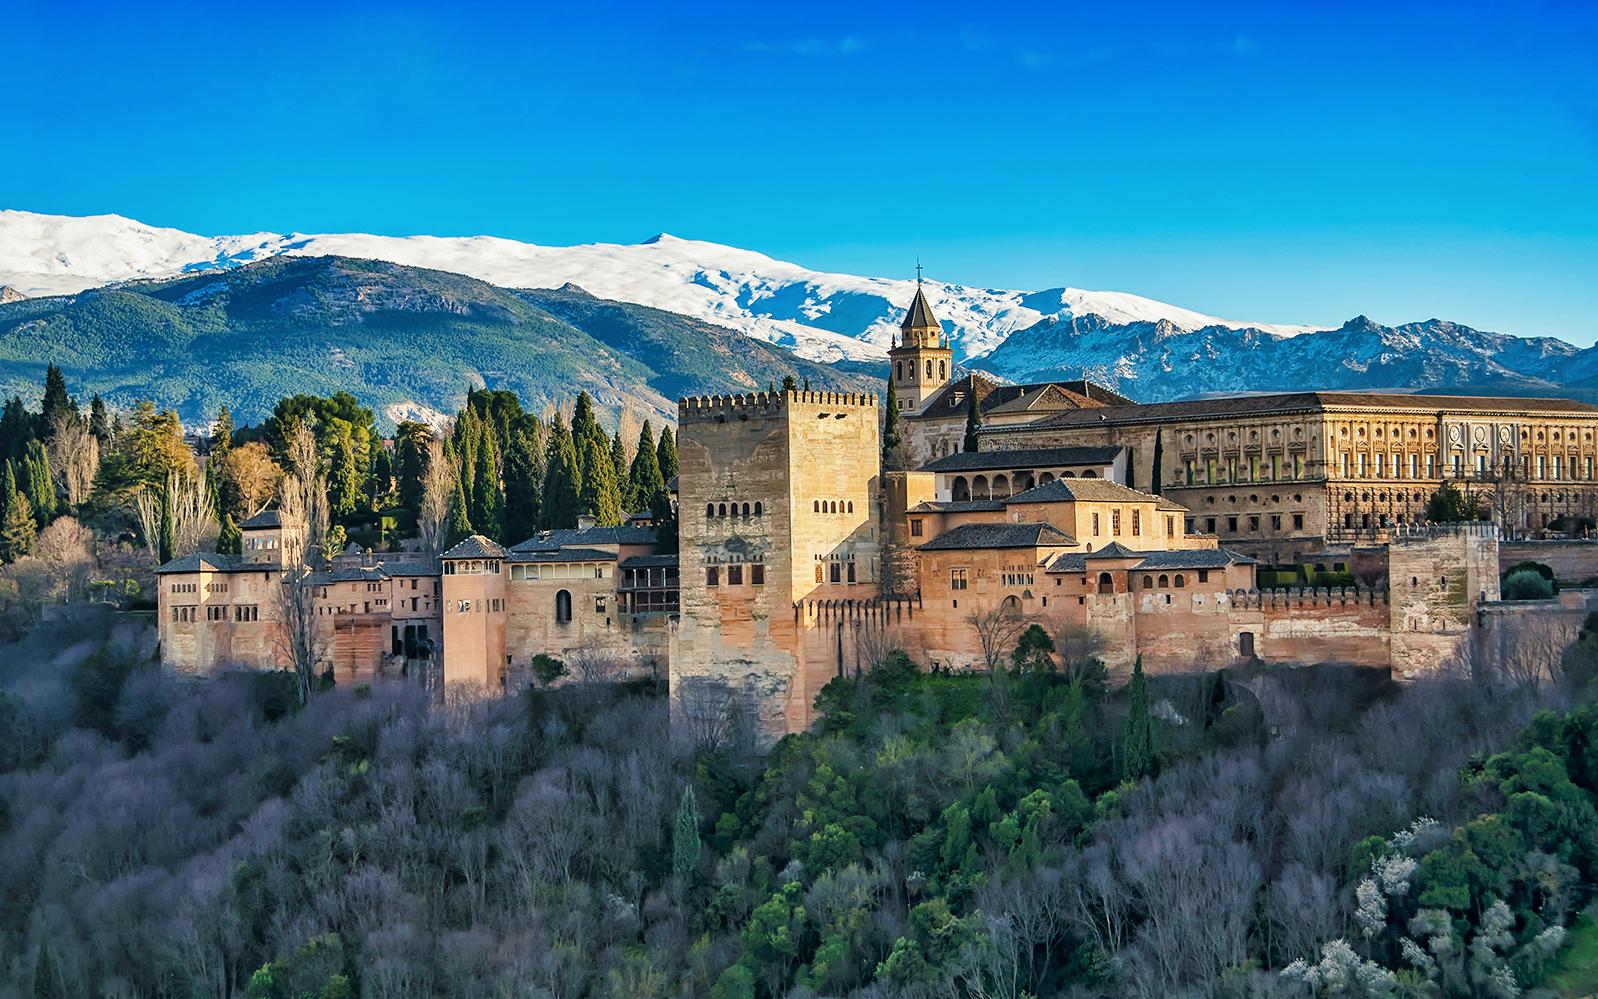 Fotografía de la Alhambra de Granada